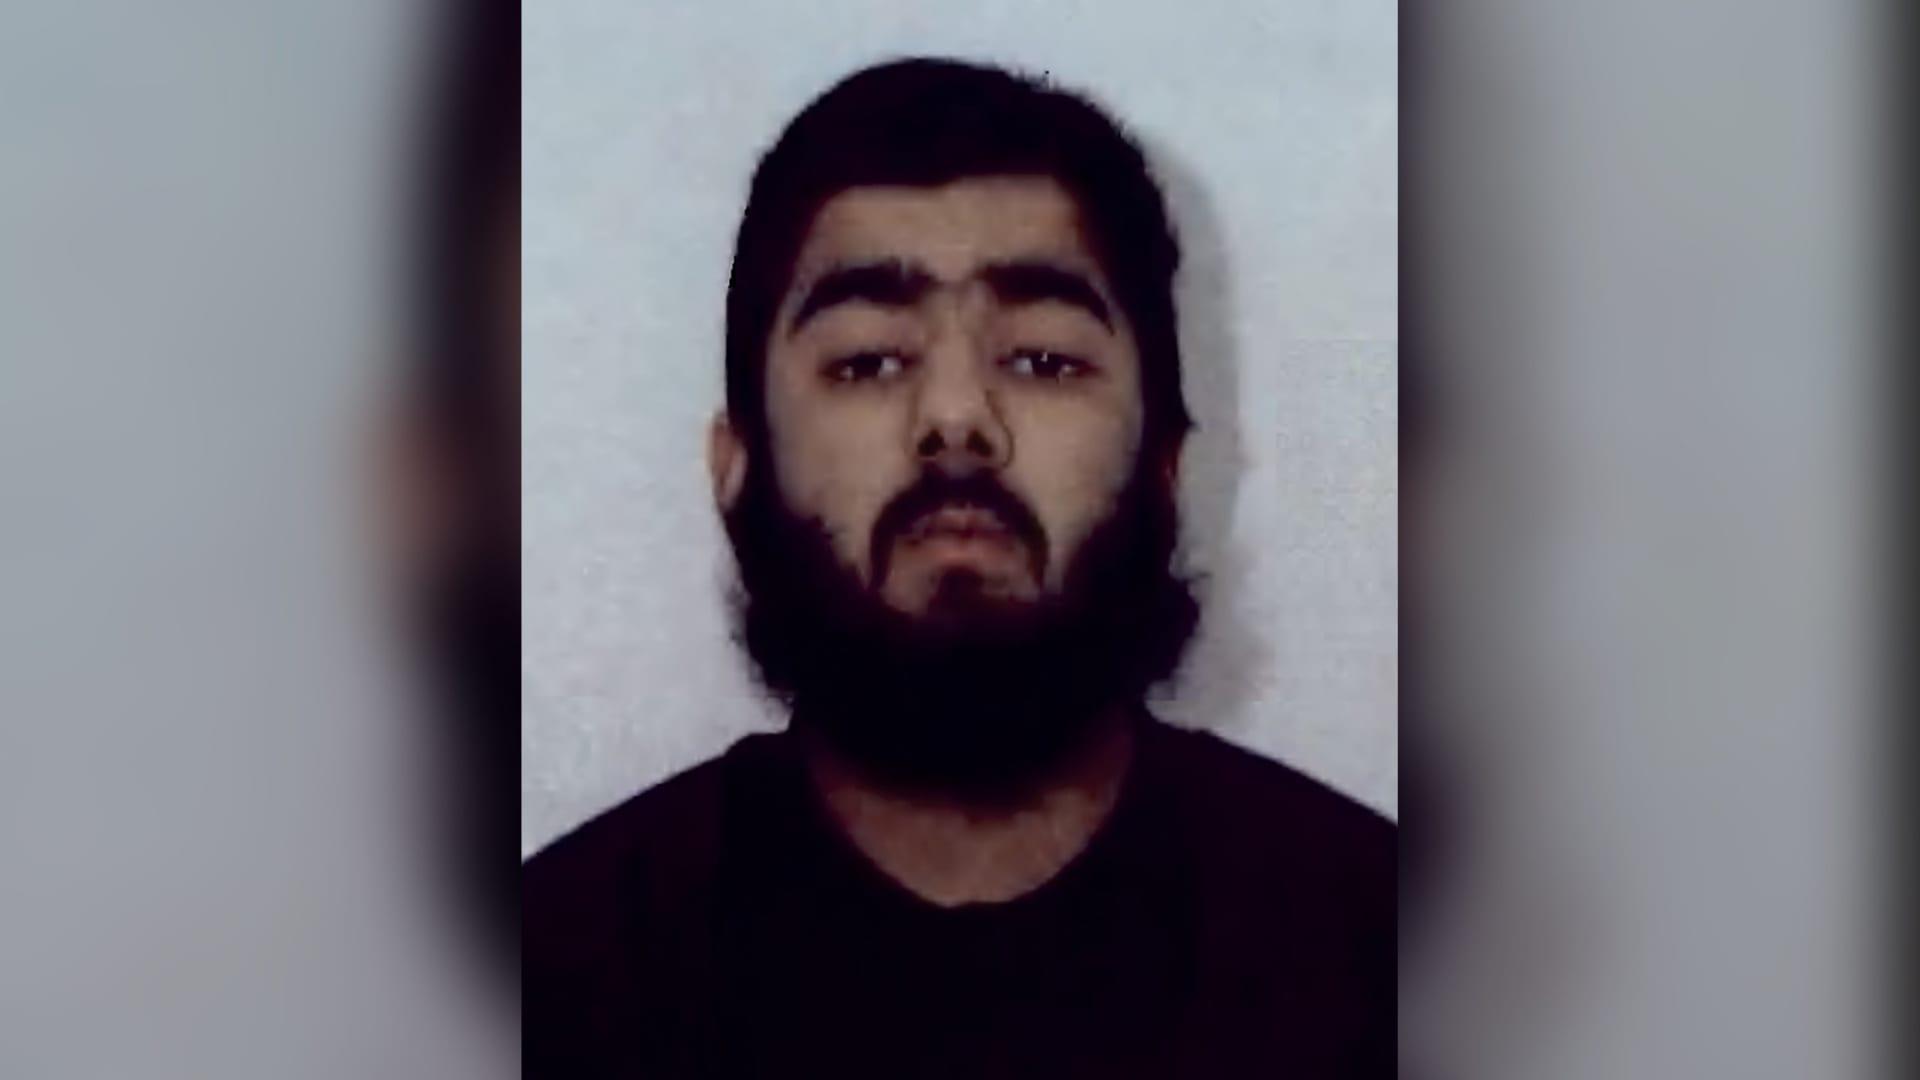 شرطة بريطانيا تكشف هوية المشتبه بتنفيذه هجوم الطعن في لندن